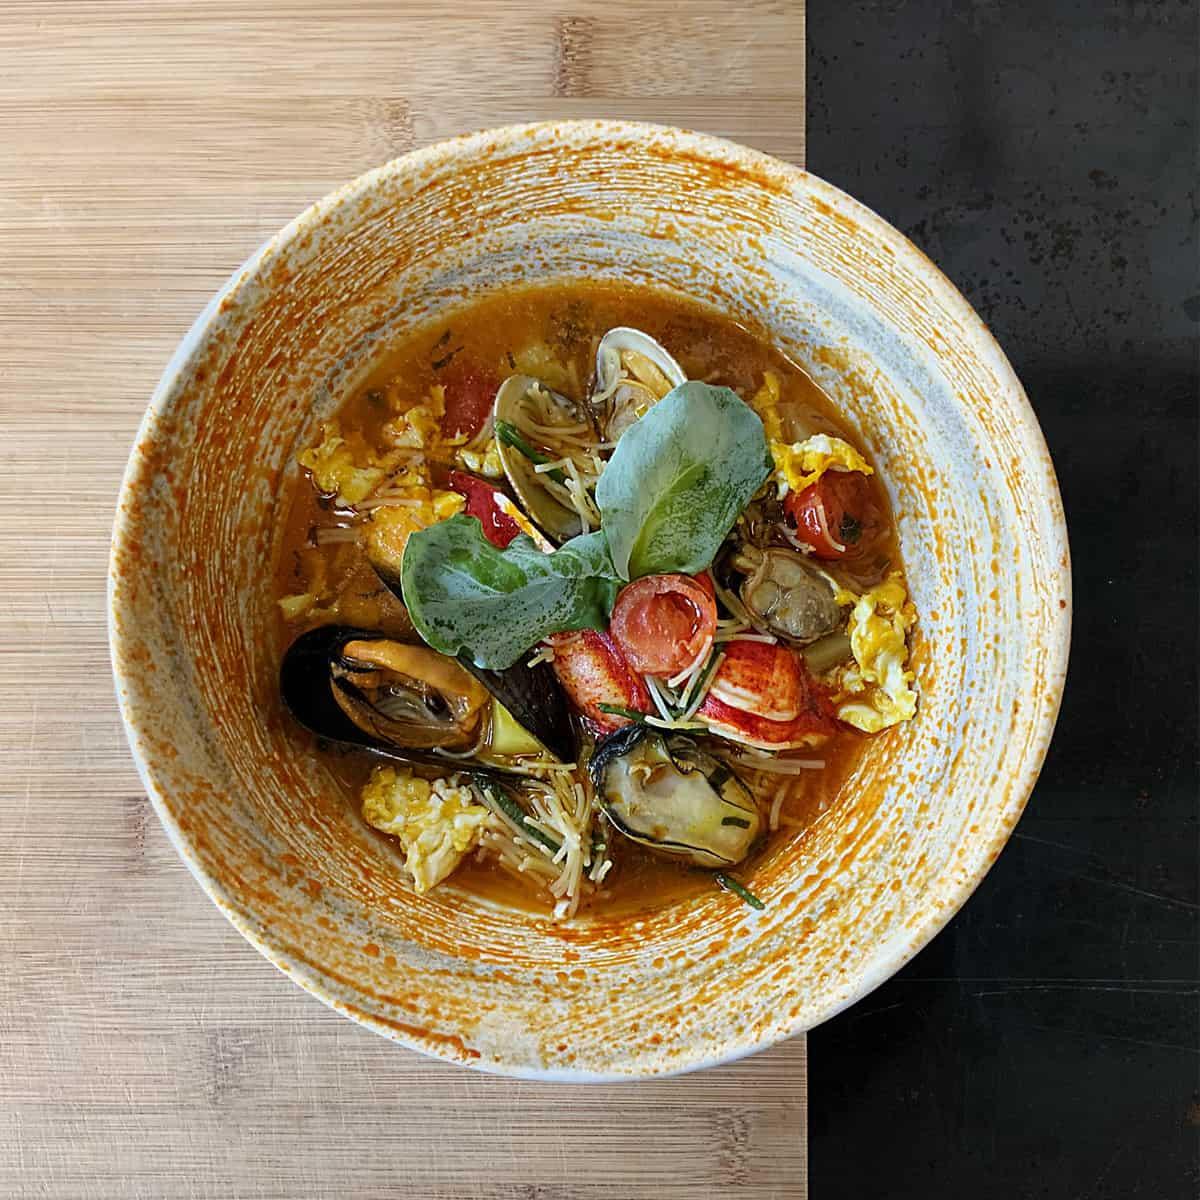 Filini-in-zuppa-di-mare-al-sapore-di-spezie-e-succo-piccante-di-pomodori